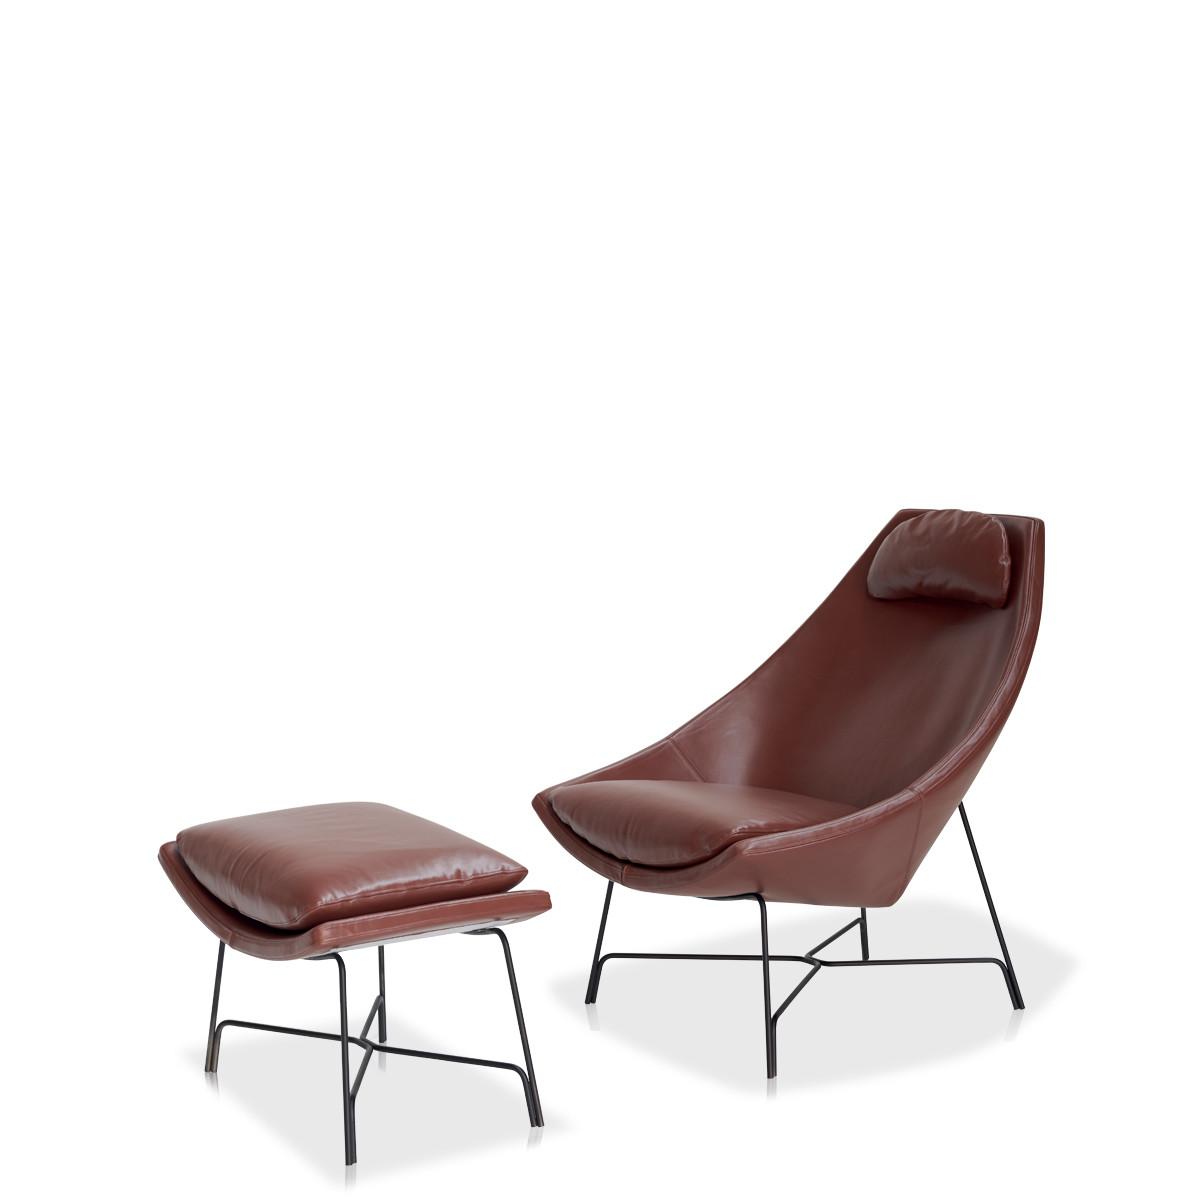 Entdecken Sie bei Conzept Beckord besondere Designmöbel! Hier finden Sie Potocco Sofas und Sessel: Cut